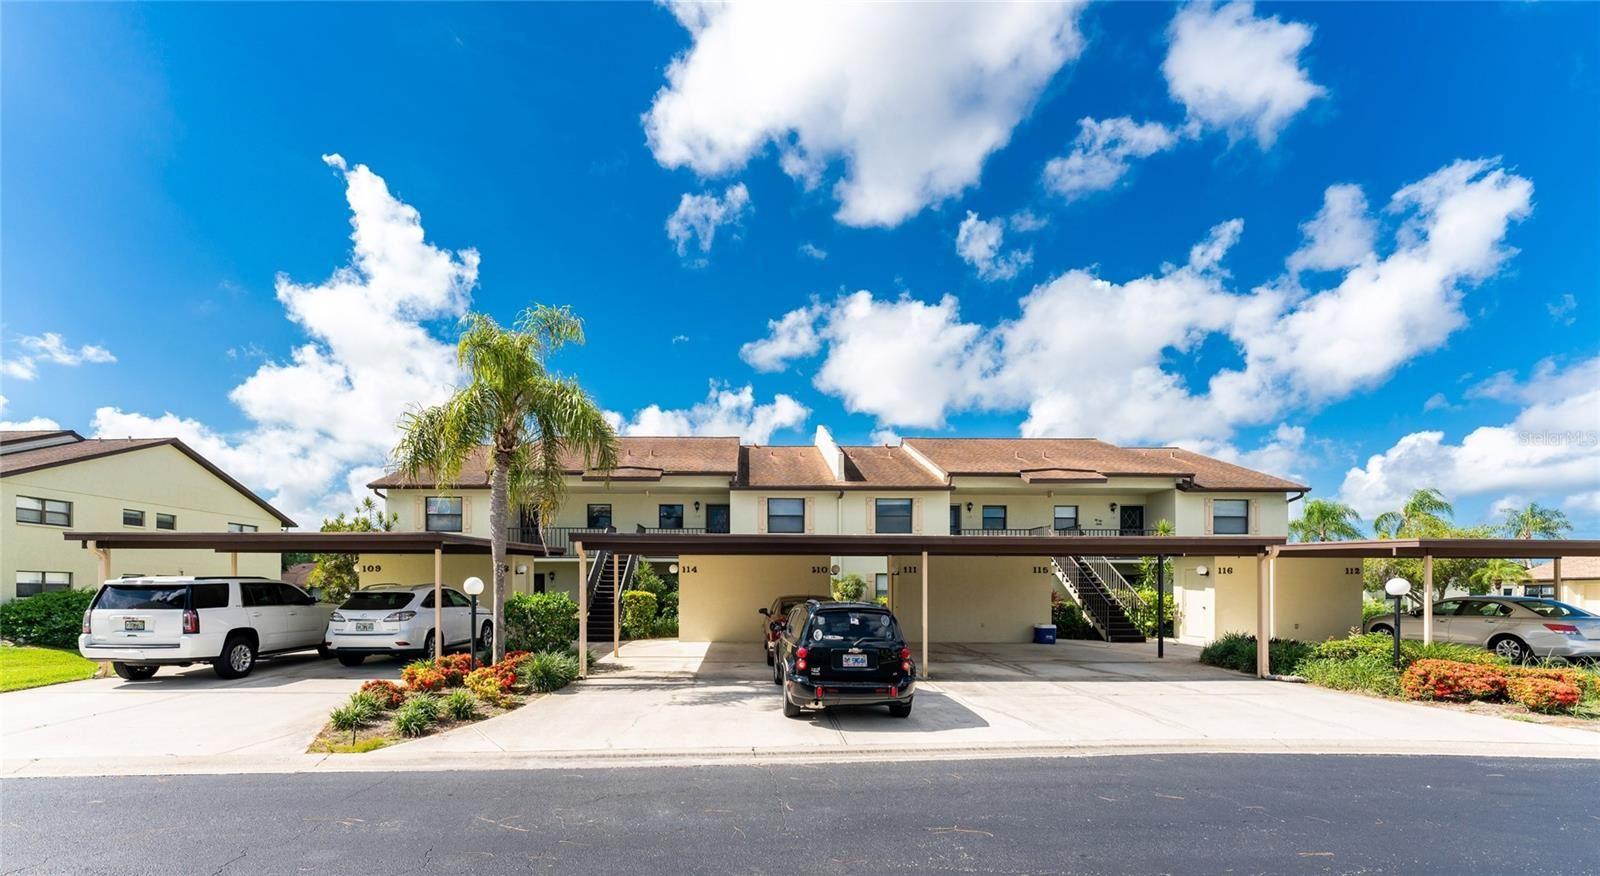 Photo of 1211 CAPRI ISLES BOULEVARD #113, VENICE, FL 34292 (MLS # N6116515)